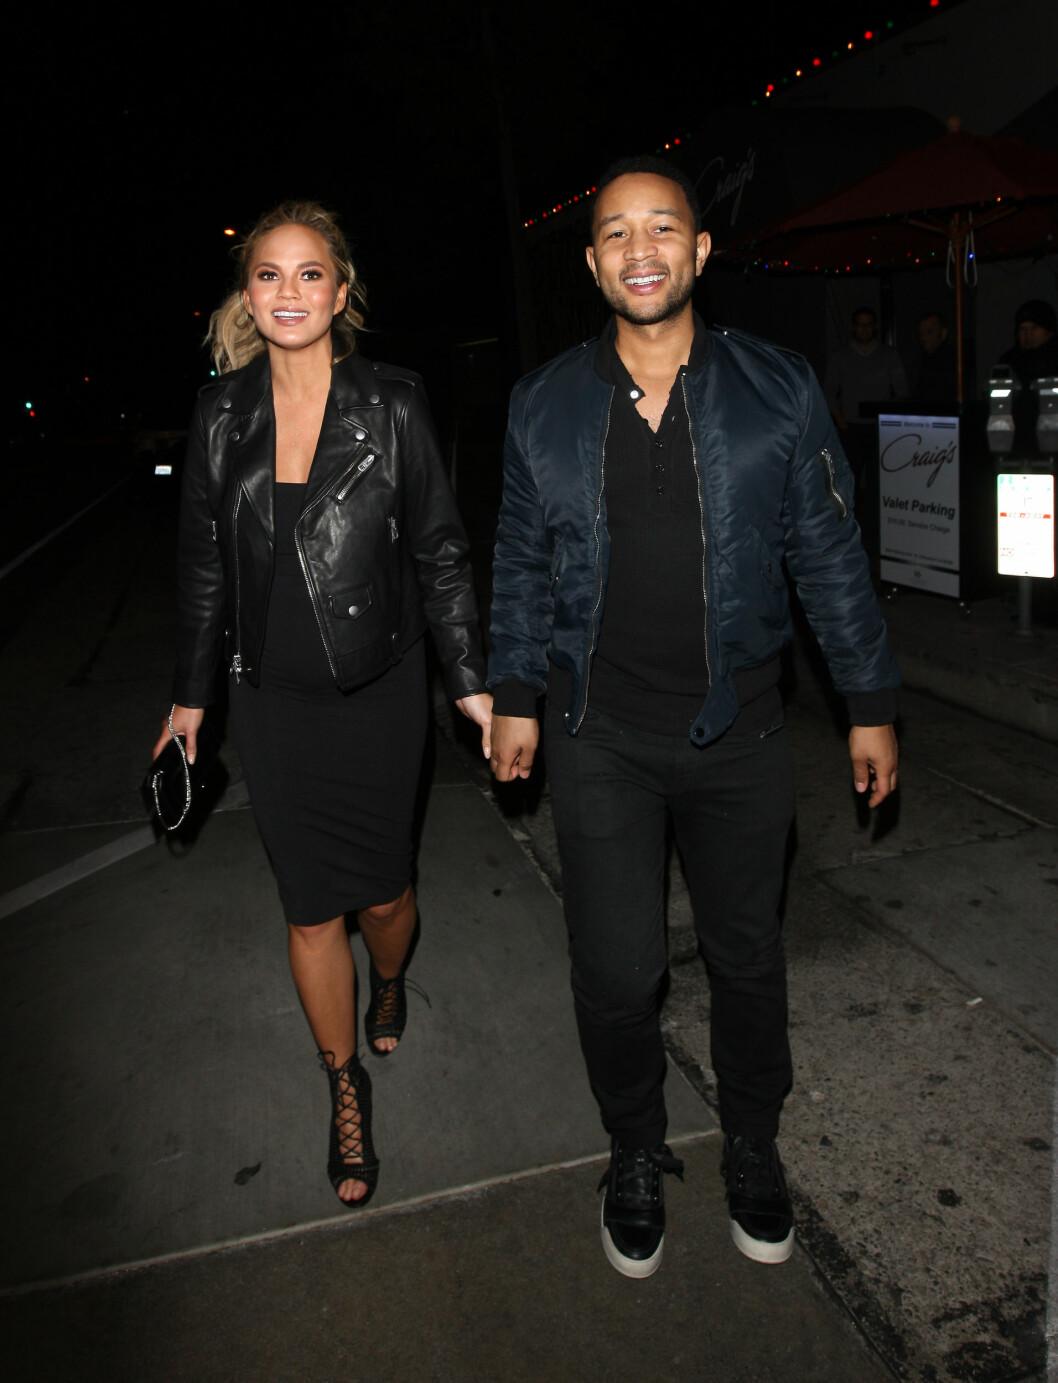 SØTT PAR: Chrissy Teigen og John Legend har vært gift i tre år. Foto: Splash News